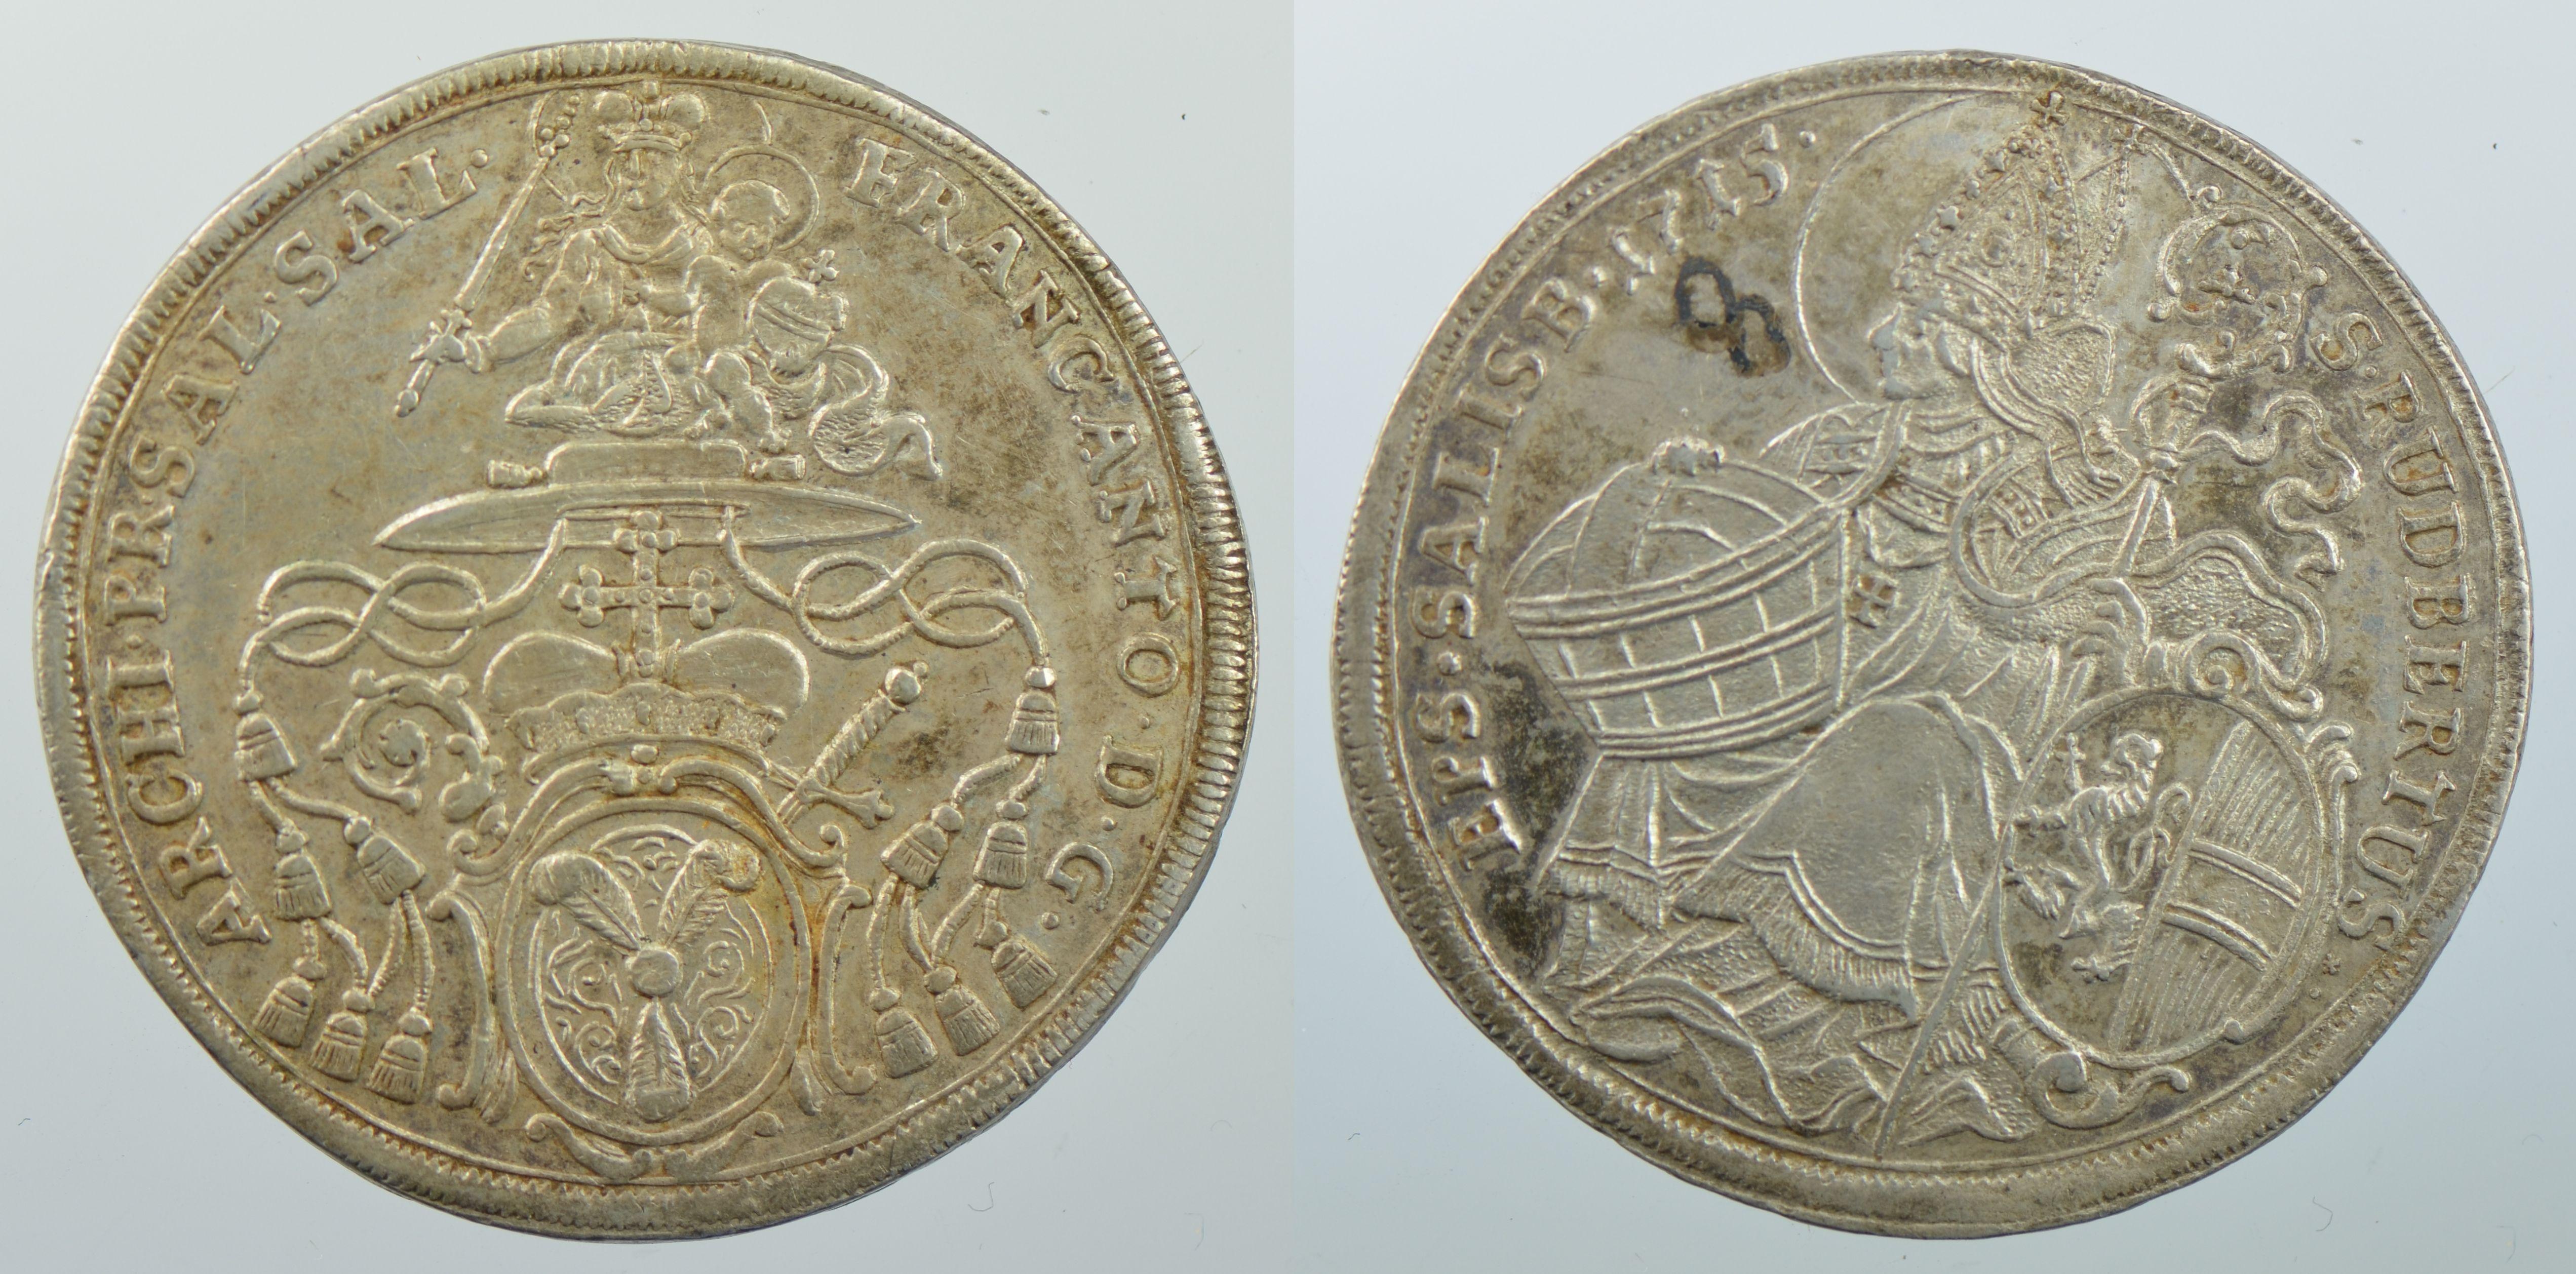 Taler 1715, Schweizer Nationalmuseum